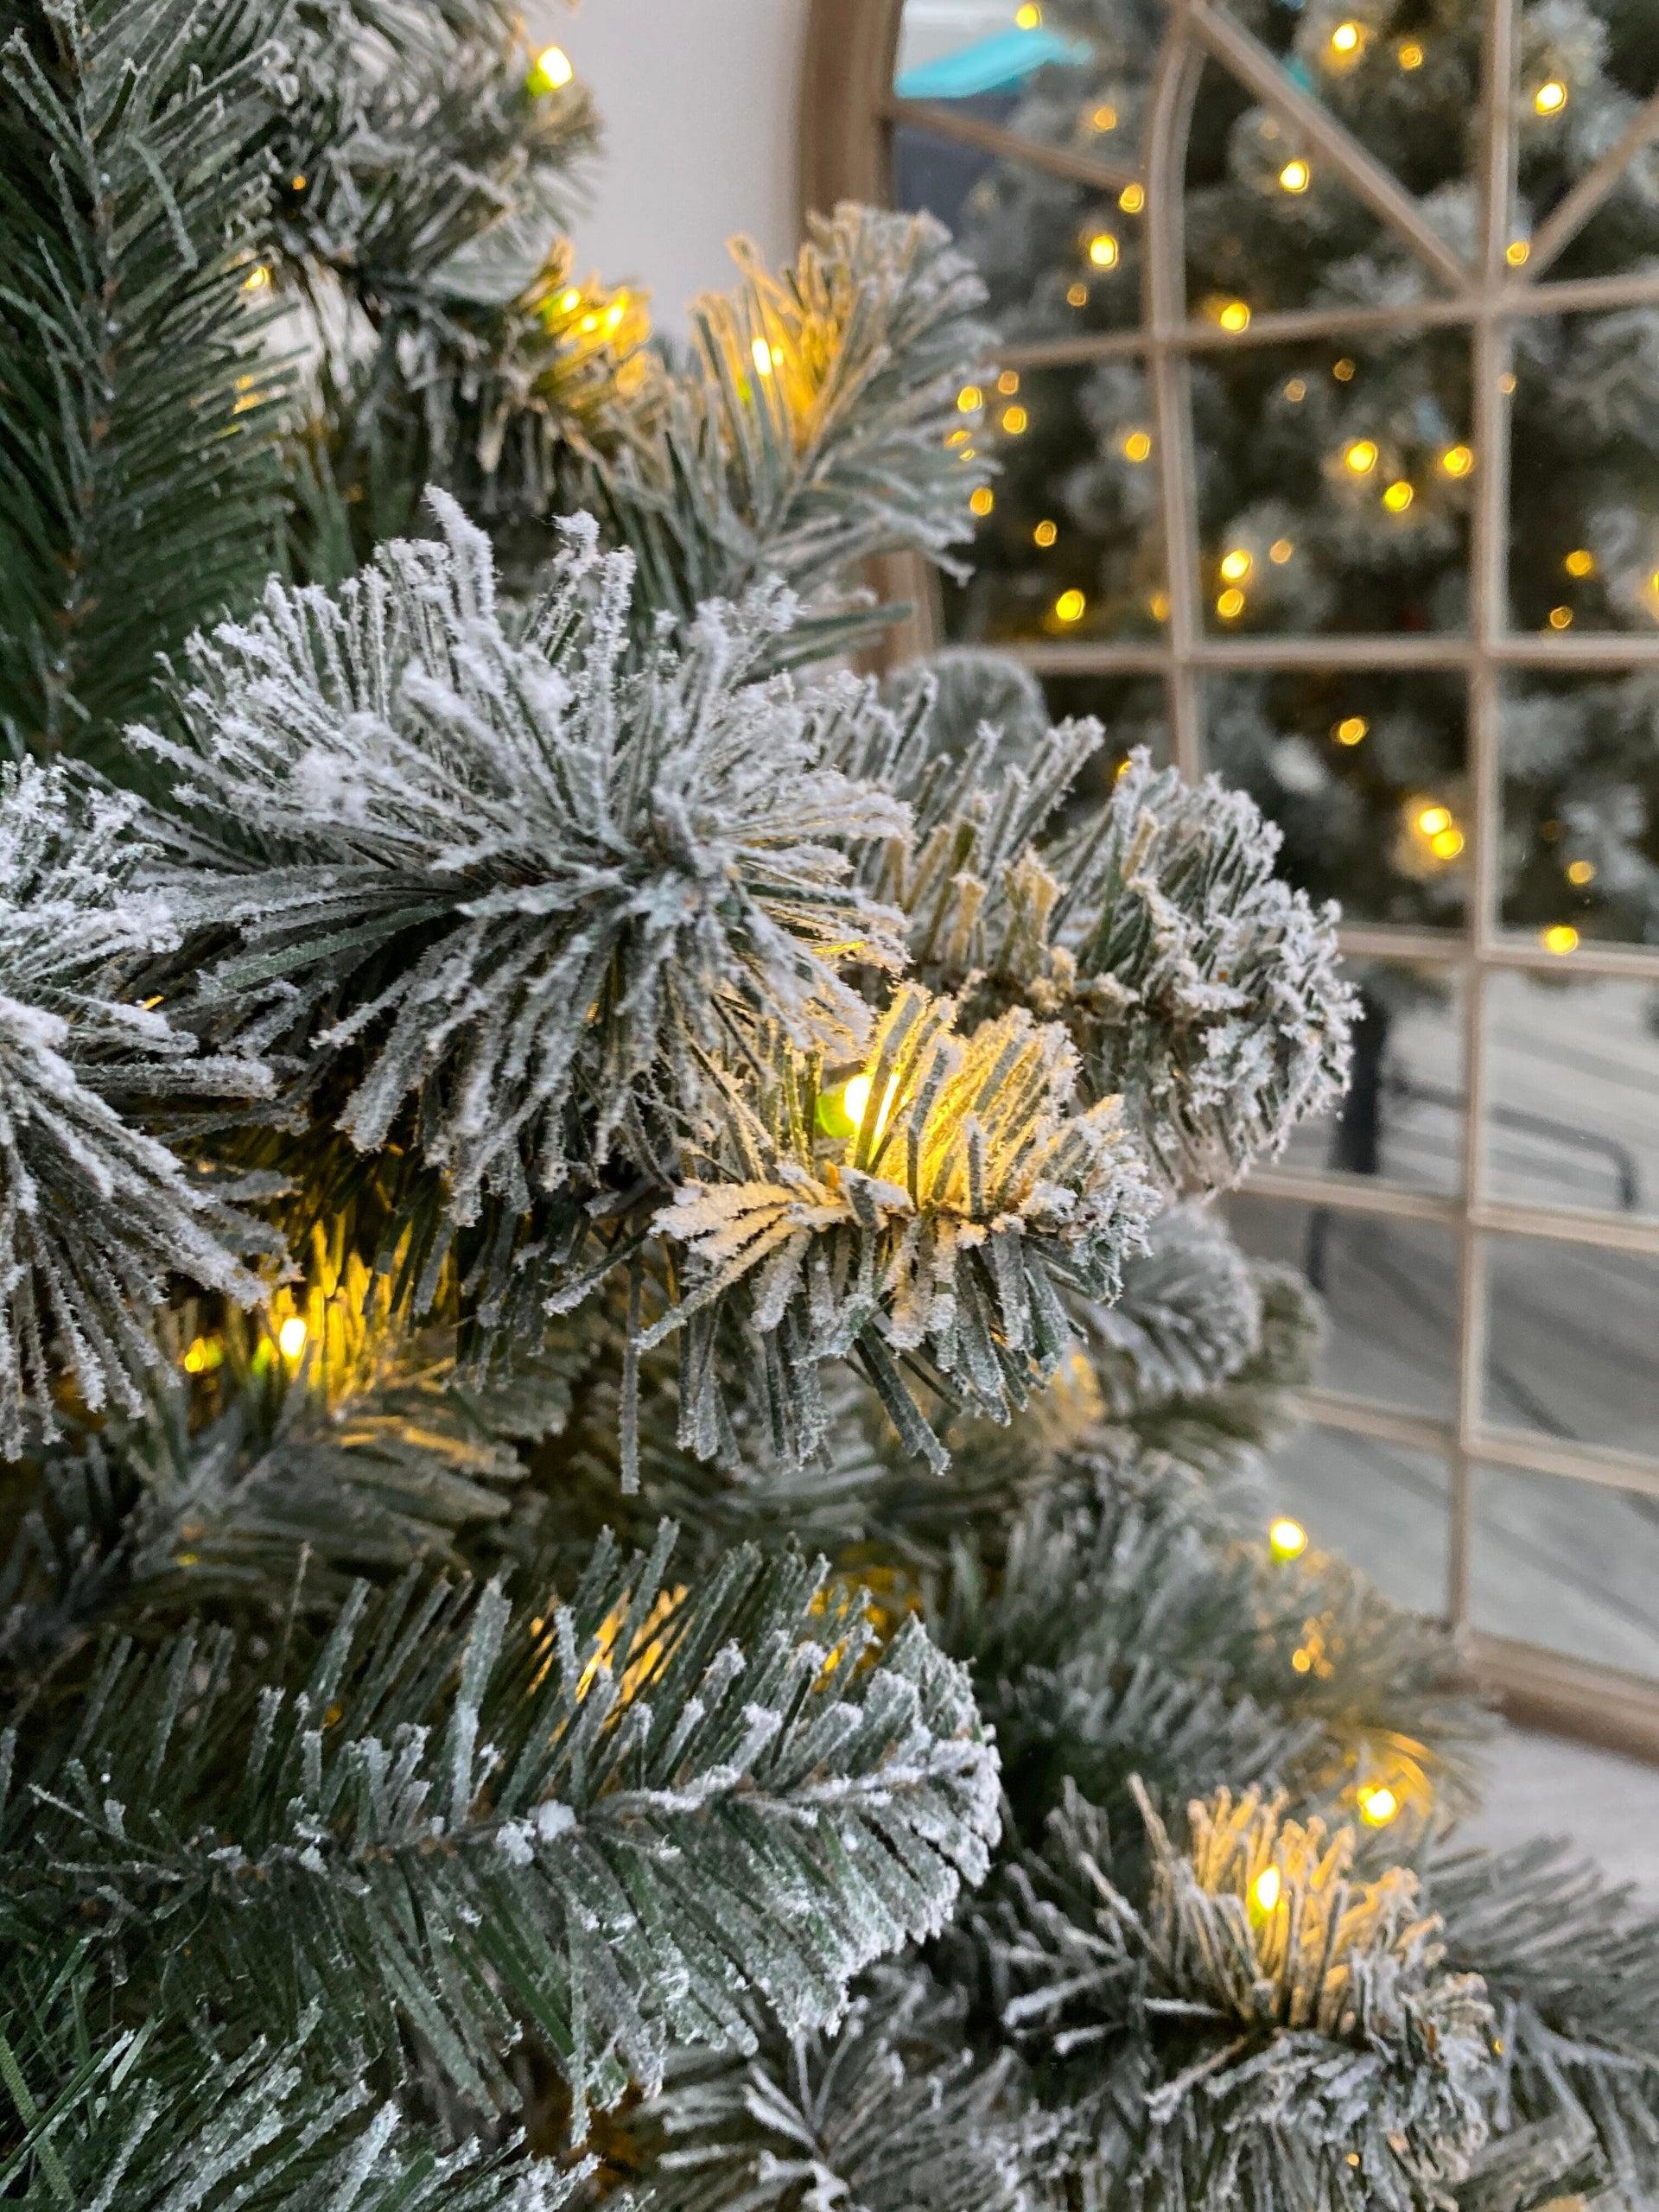 Albero di natale artificiale Oxford verde scuro brinato H 180 cm, 250 lampadine incorporate - 9